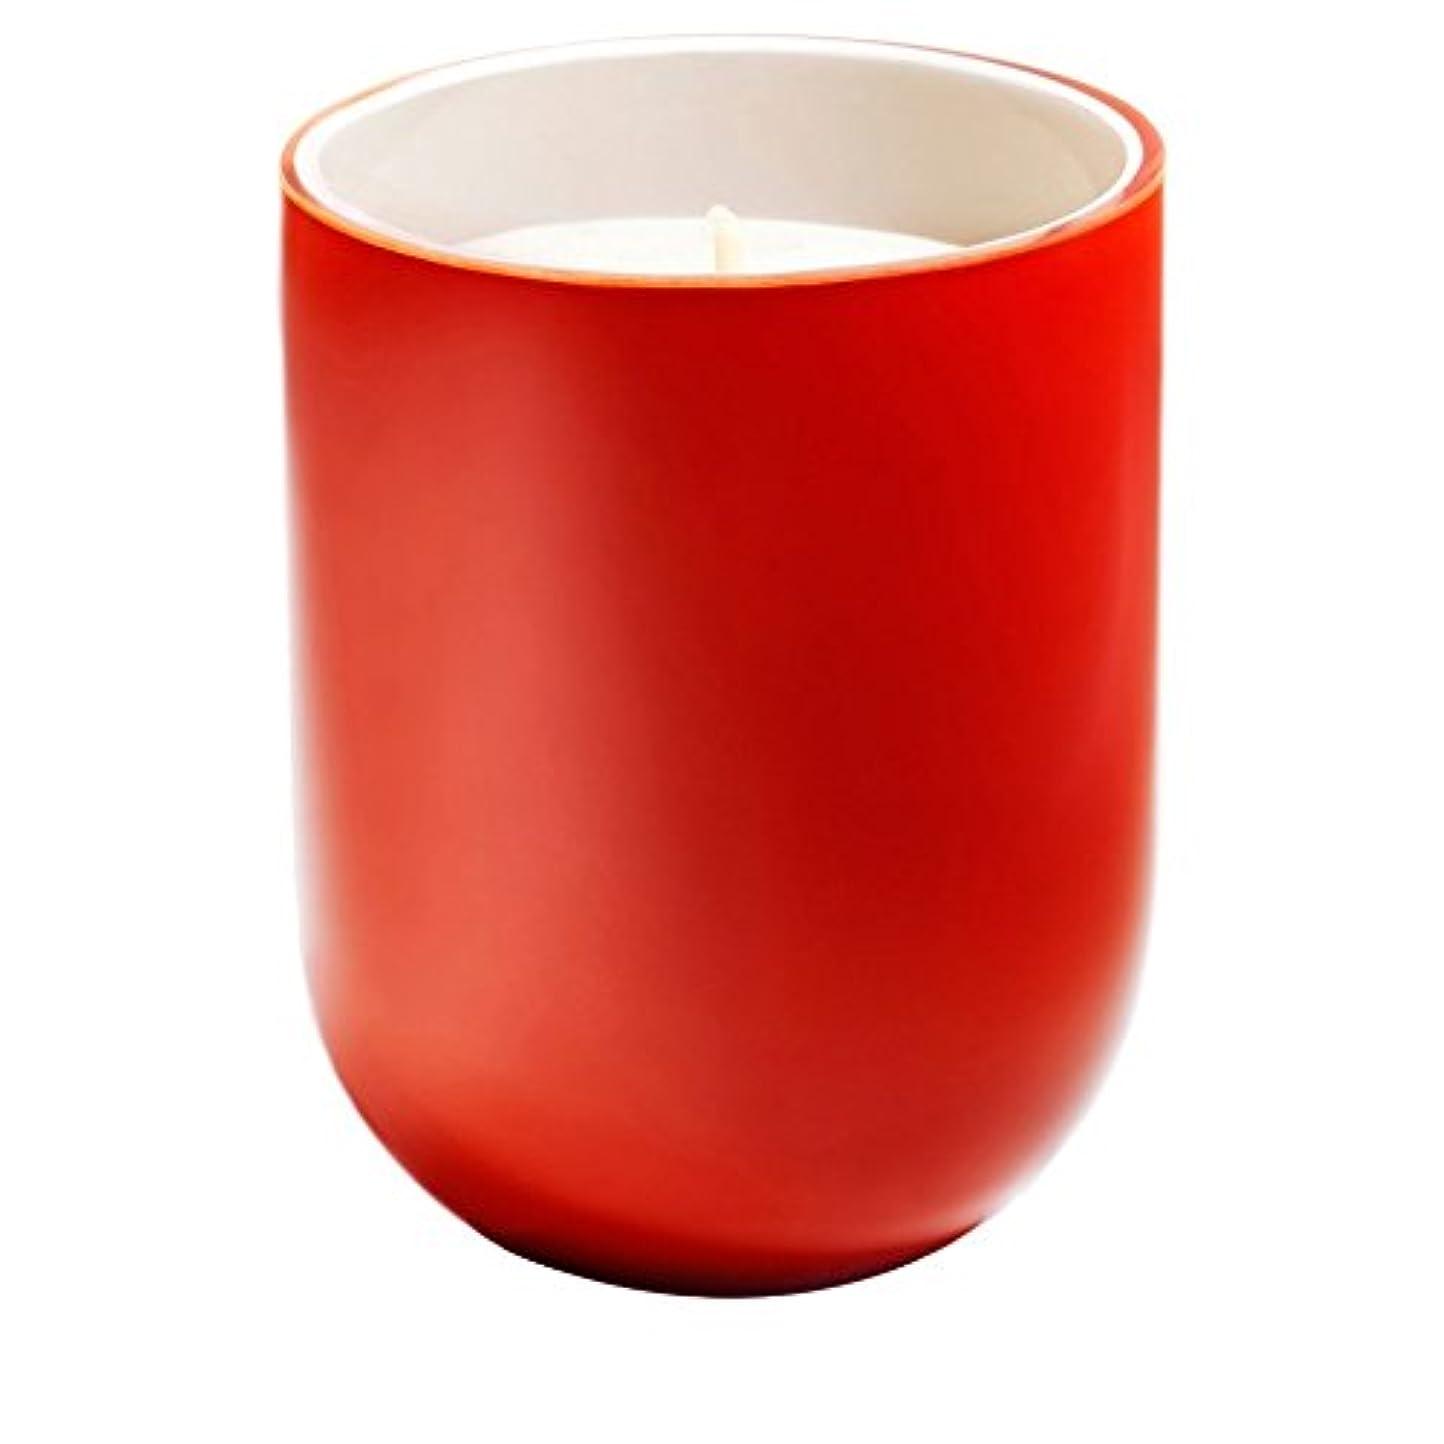 令状ライブお香フレデリック?マルロシアの夜香りのキャンドル x6 - Frederic Malle Russian Night Scented Candle (Pack of 6) [並行輸入品]